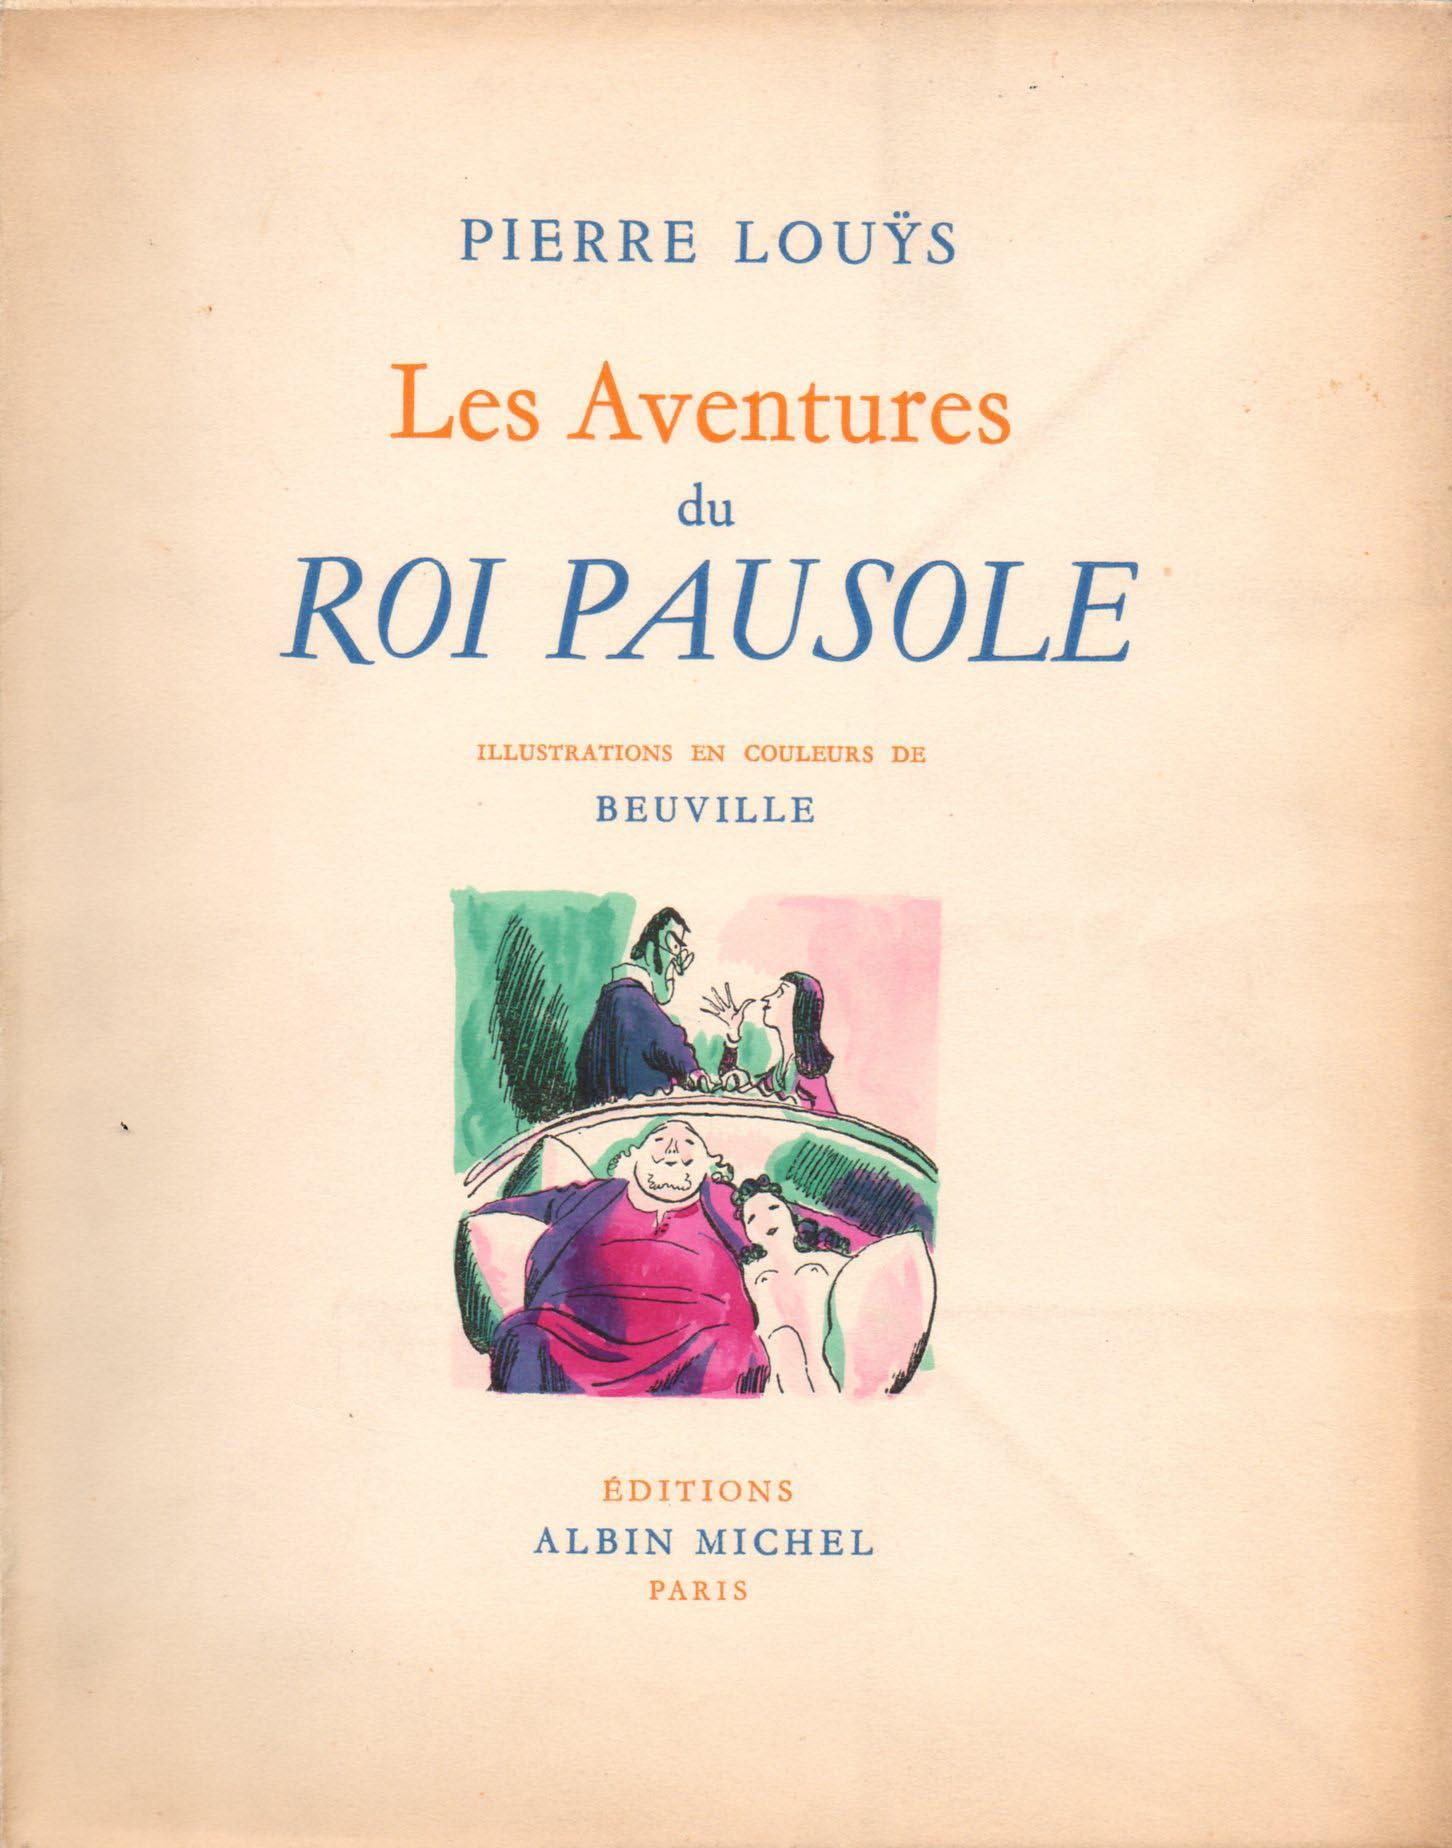 Les aventures du roi Pausole | Georges Beuville | Les Aventures du Roi Pausole